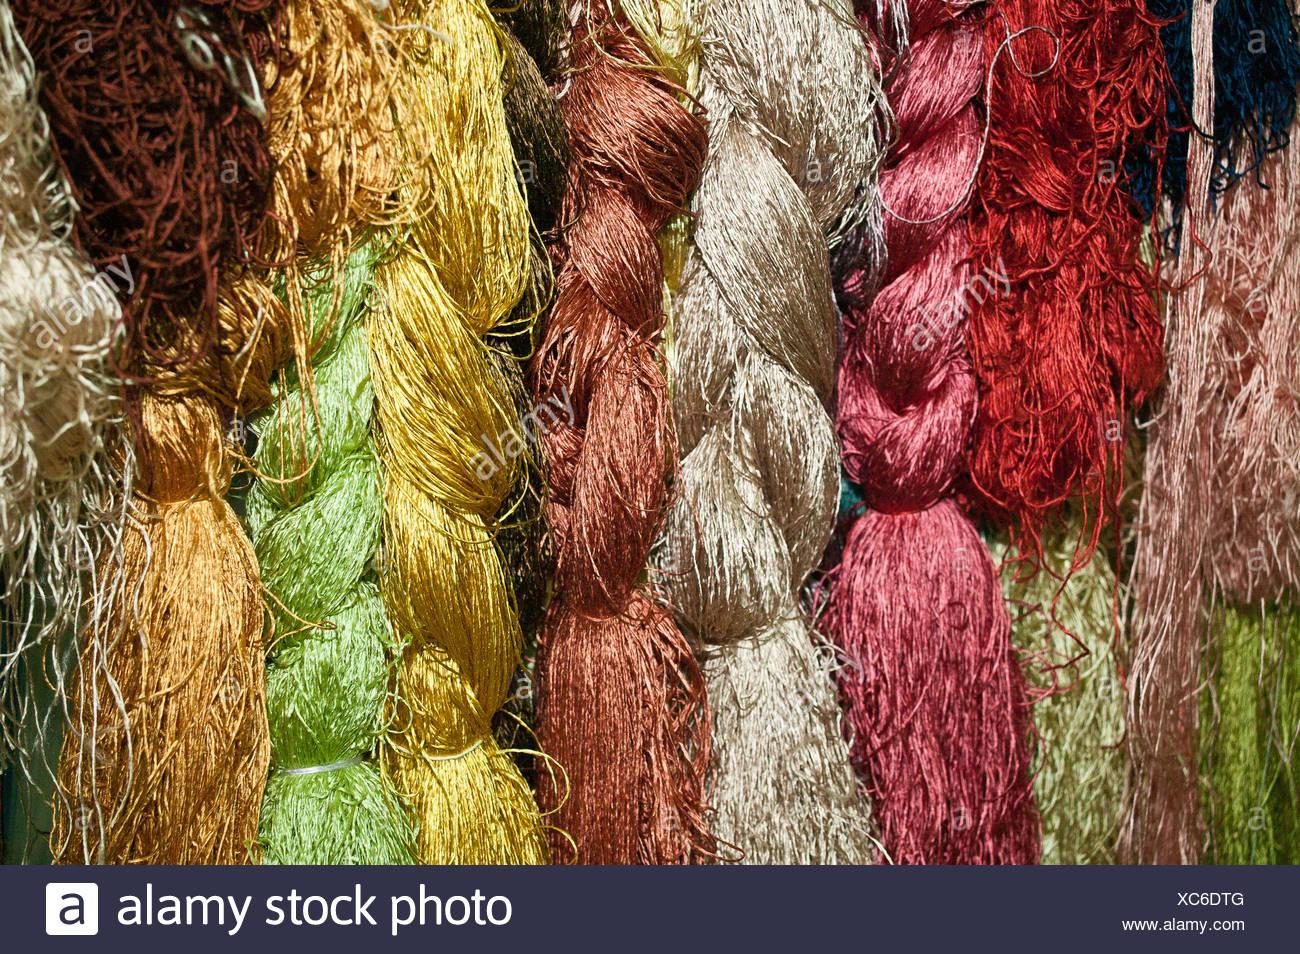 Tolle Türkei Färbung Bilder Bilder - Entry Level Resume Vorlagen ...